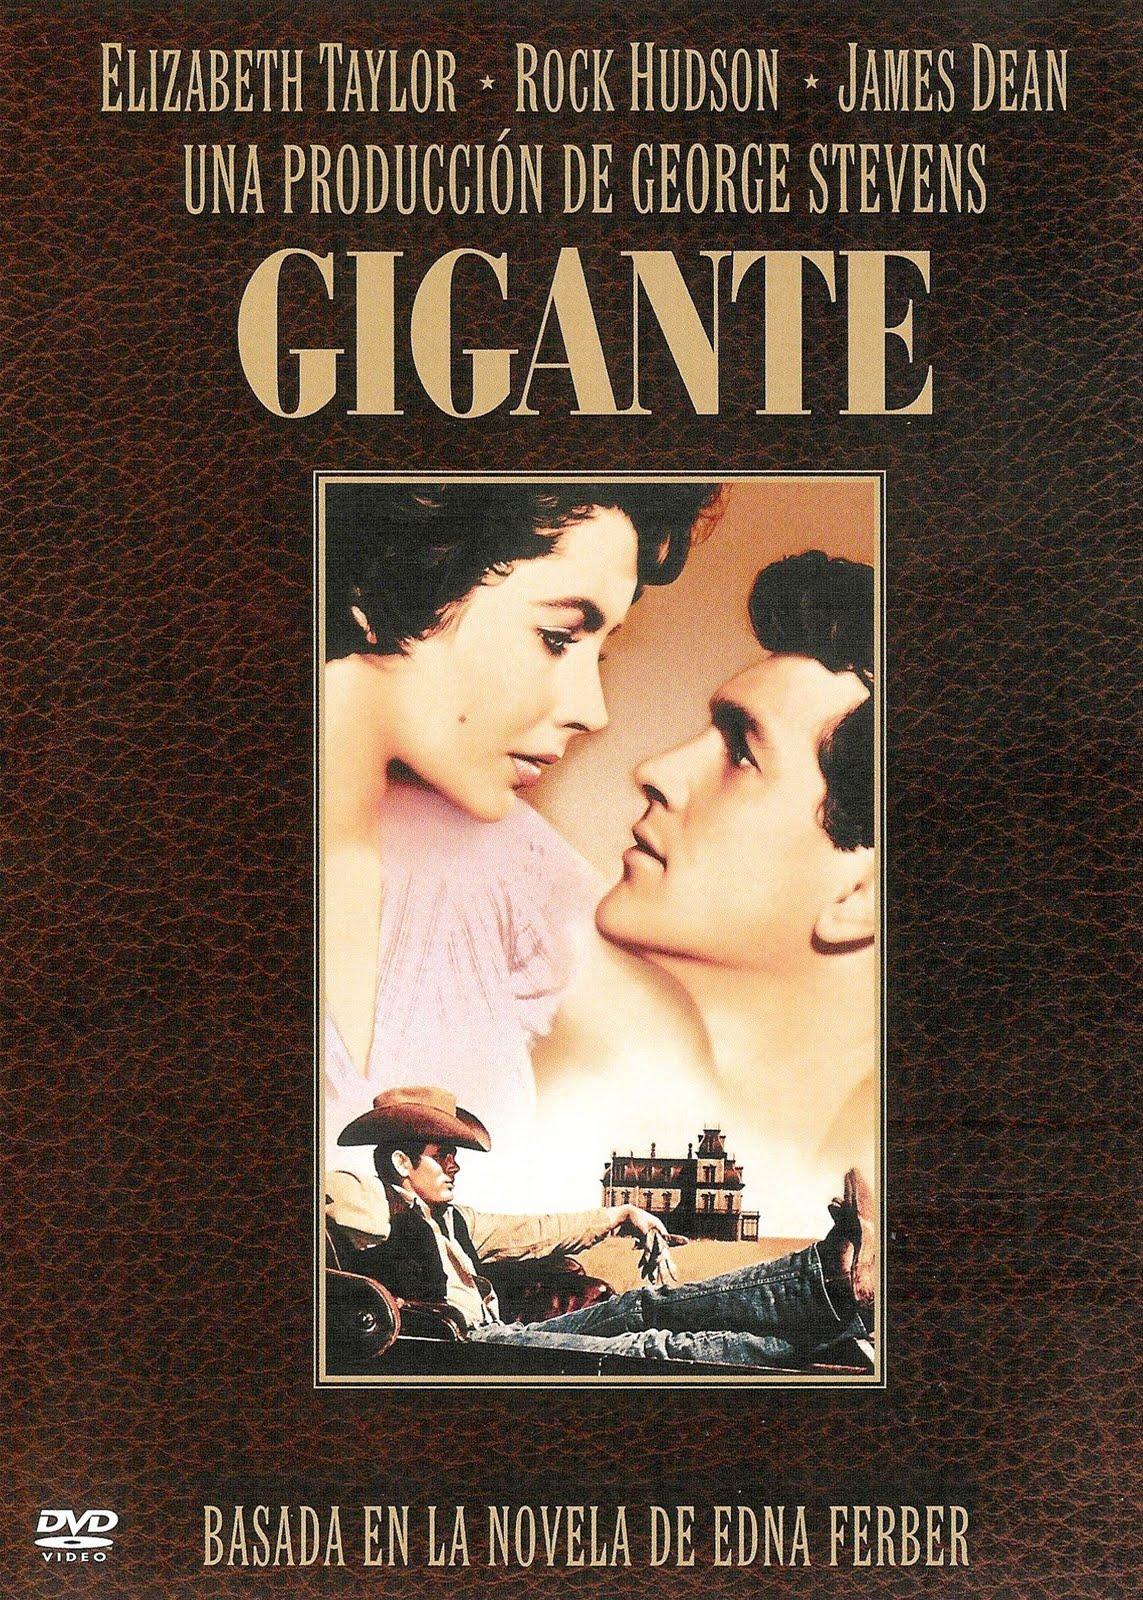 Películas de los años 50 Cartel_pel%C3%ADcula_gigante_1956